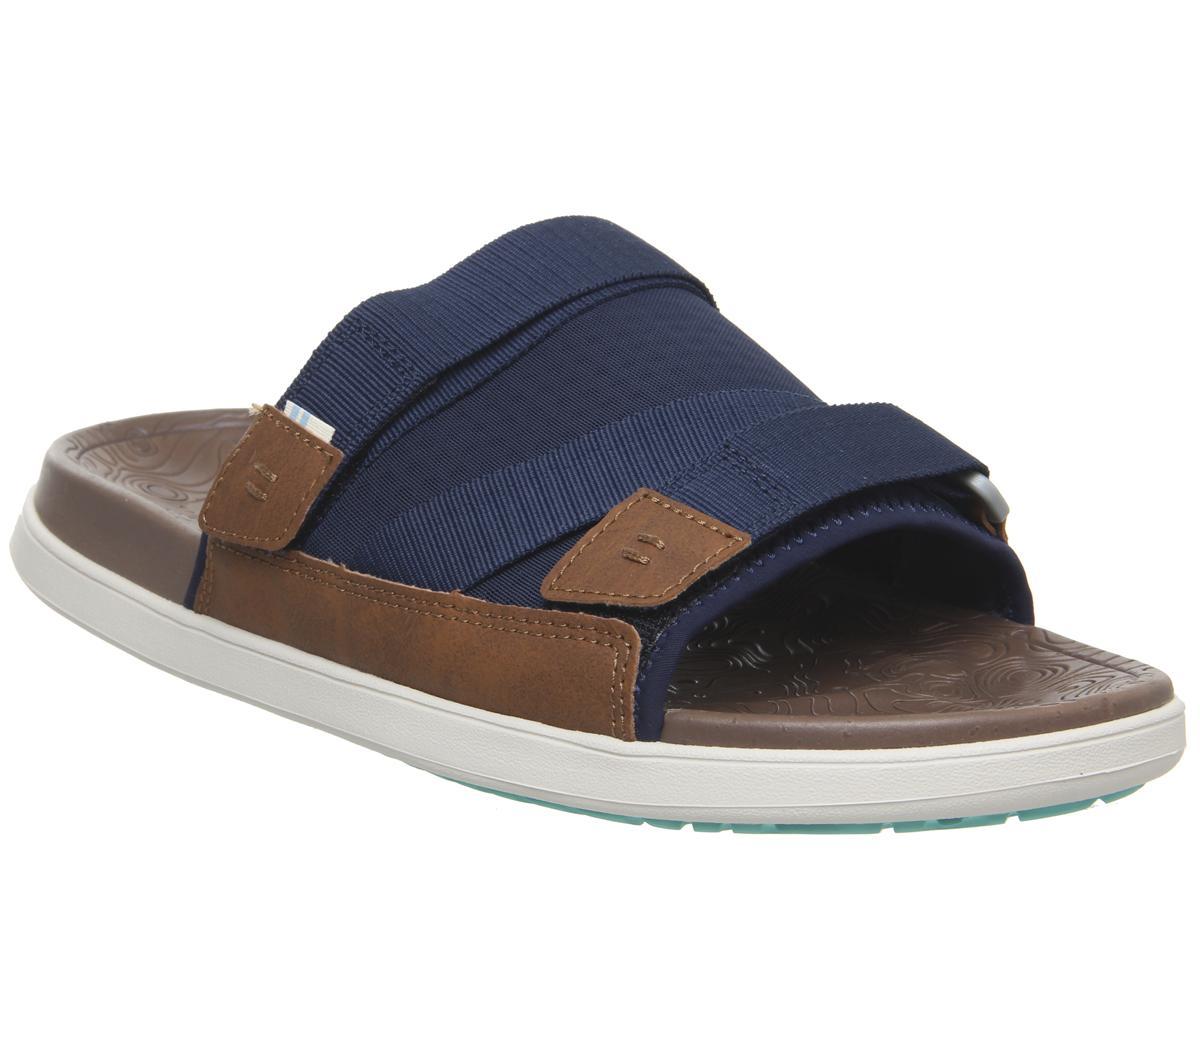 ccbc652f2e1 Toms Trvl Lite Sandals Tan Navy - Sandals